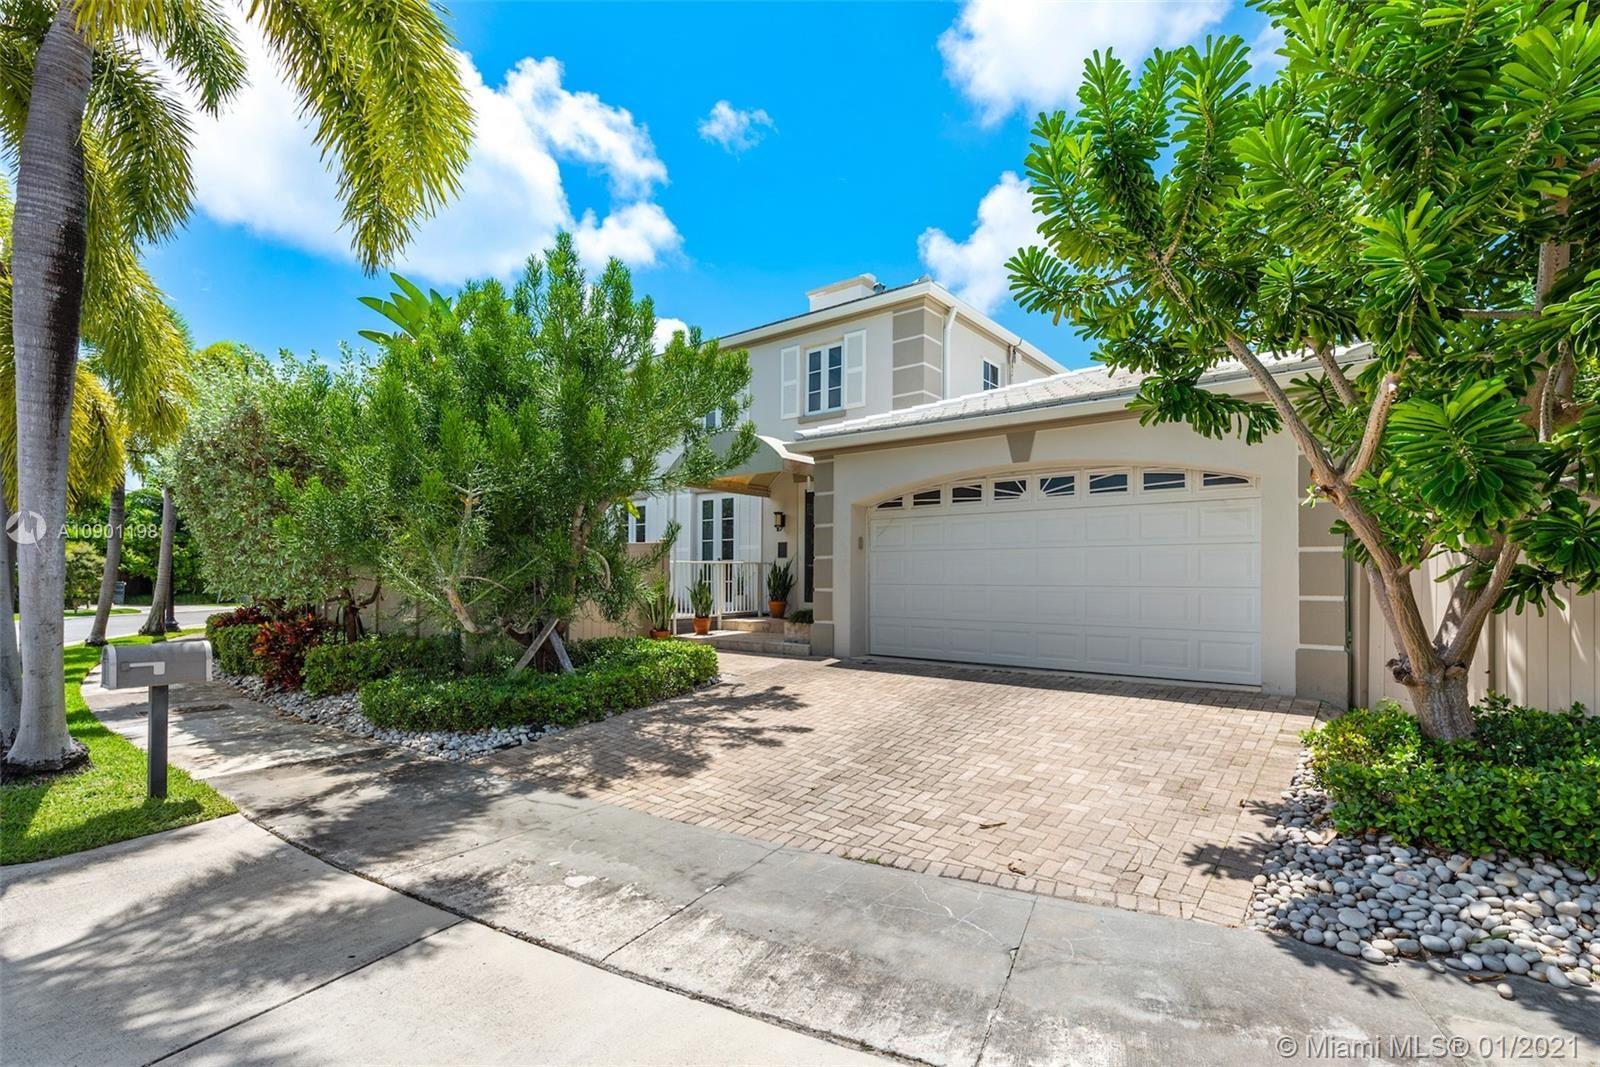 850 E Dilido Dr, Miami Beach, FL 33139 - #: A10901198